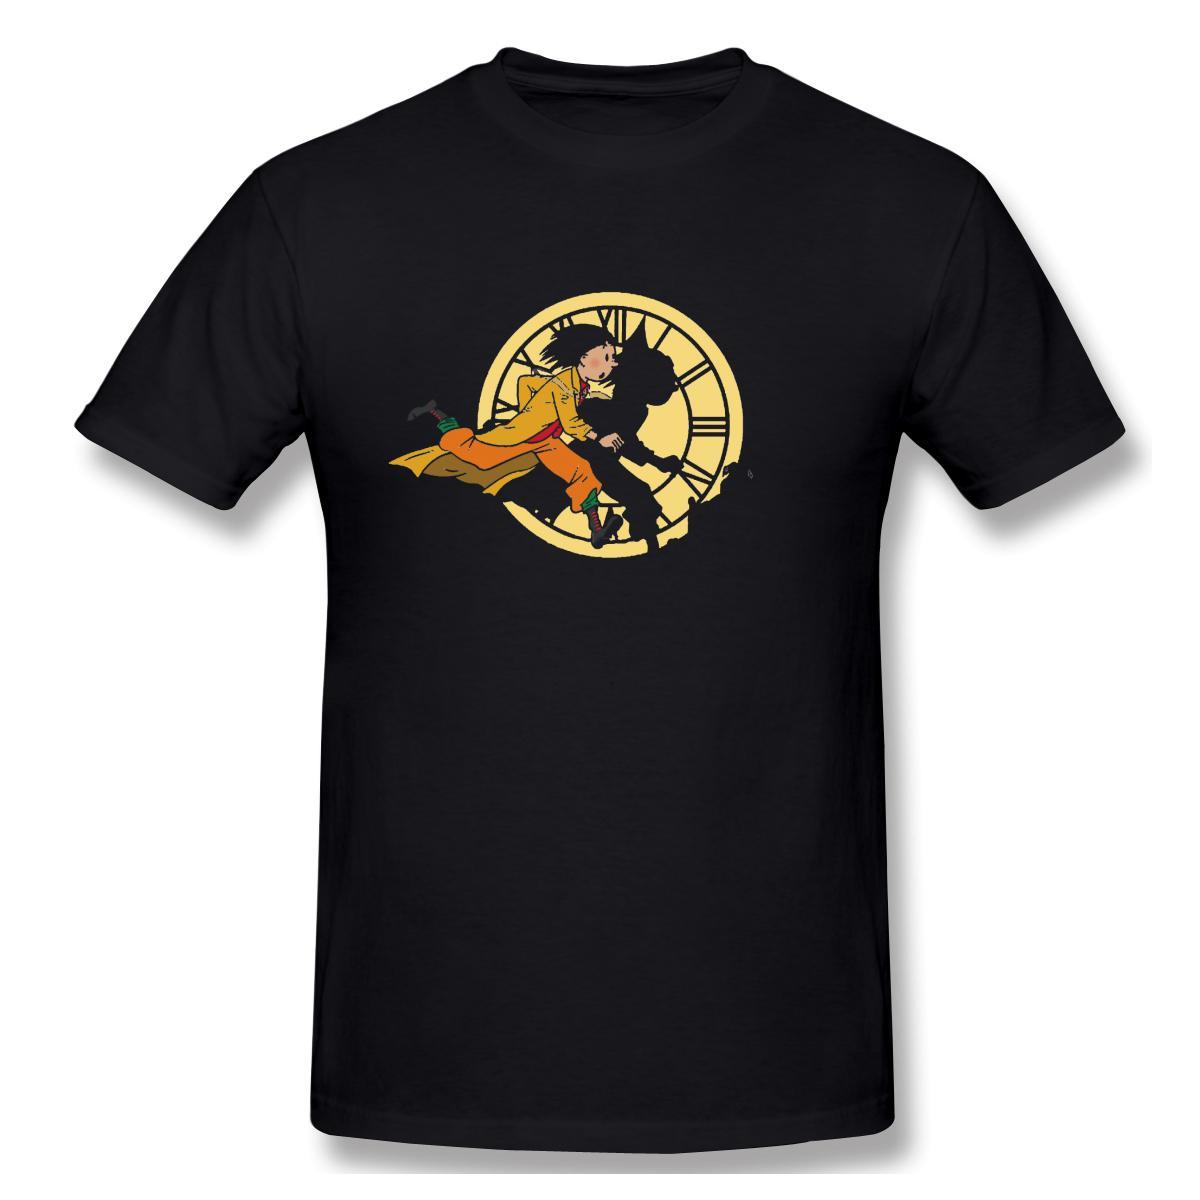 Футболки Мужские Приключения Doc И Einy футболки высокого качества Tee День отца Tops 100% хлопка одежды назад в будущее Tee